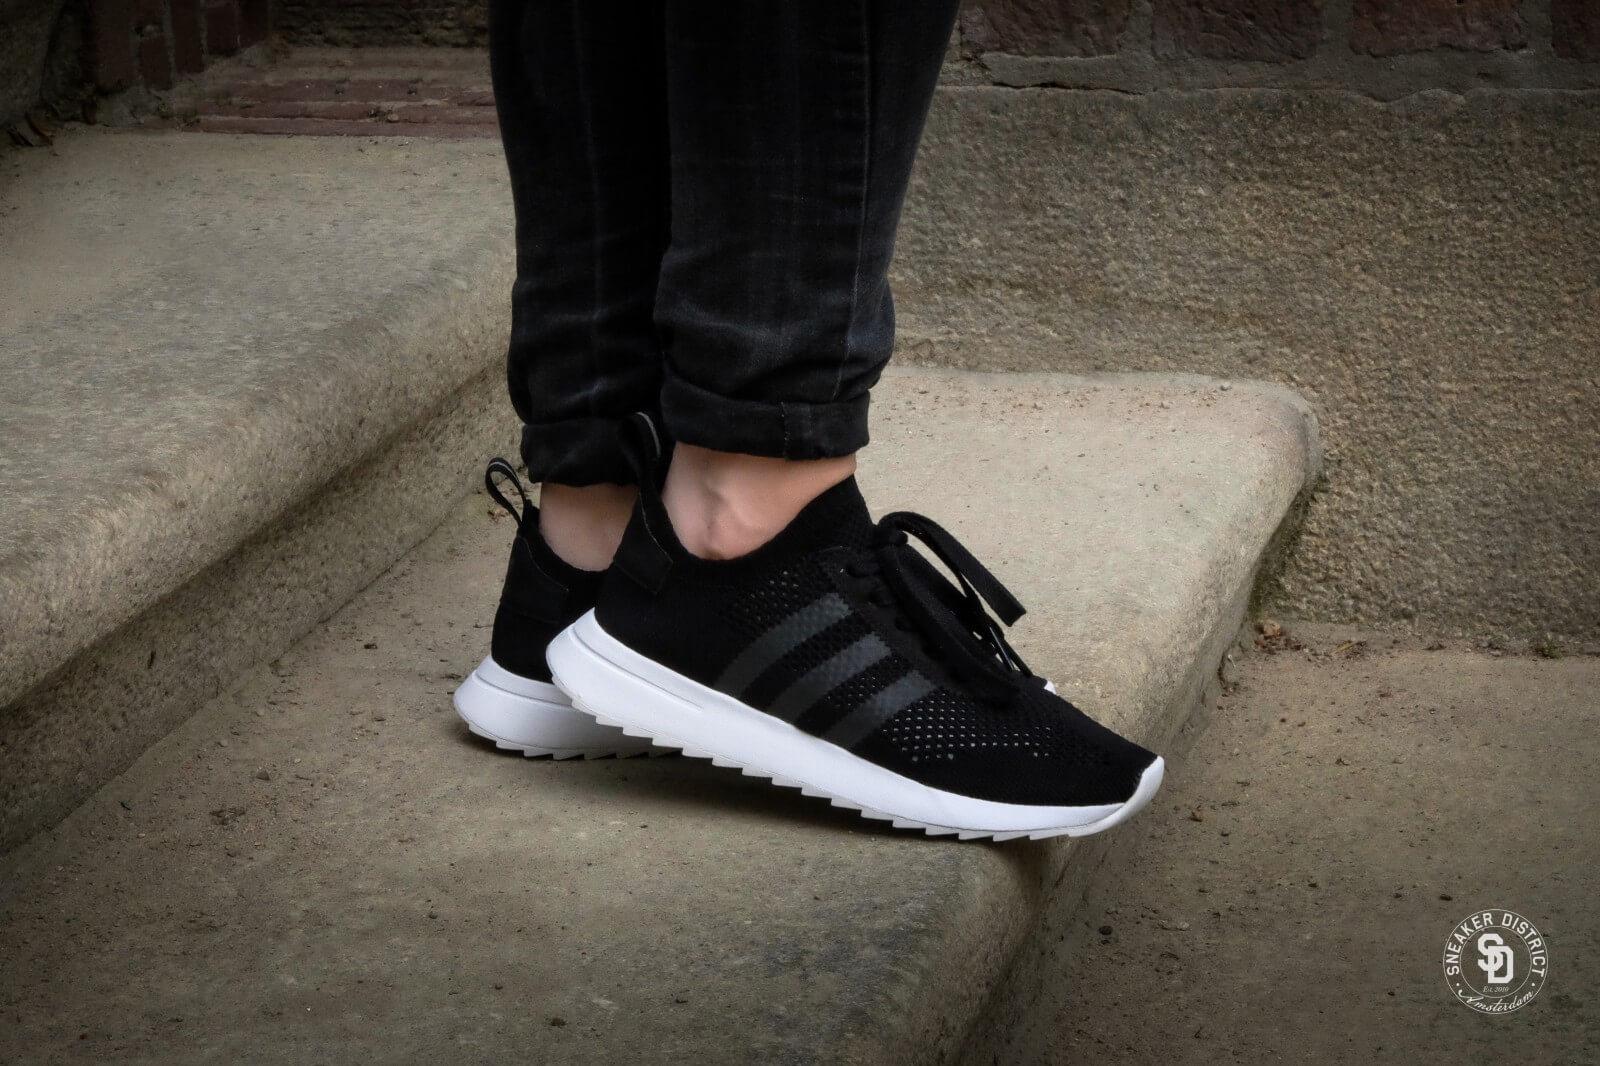 Adidas FLB W PK - Core Black / Footwear